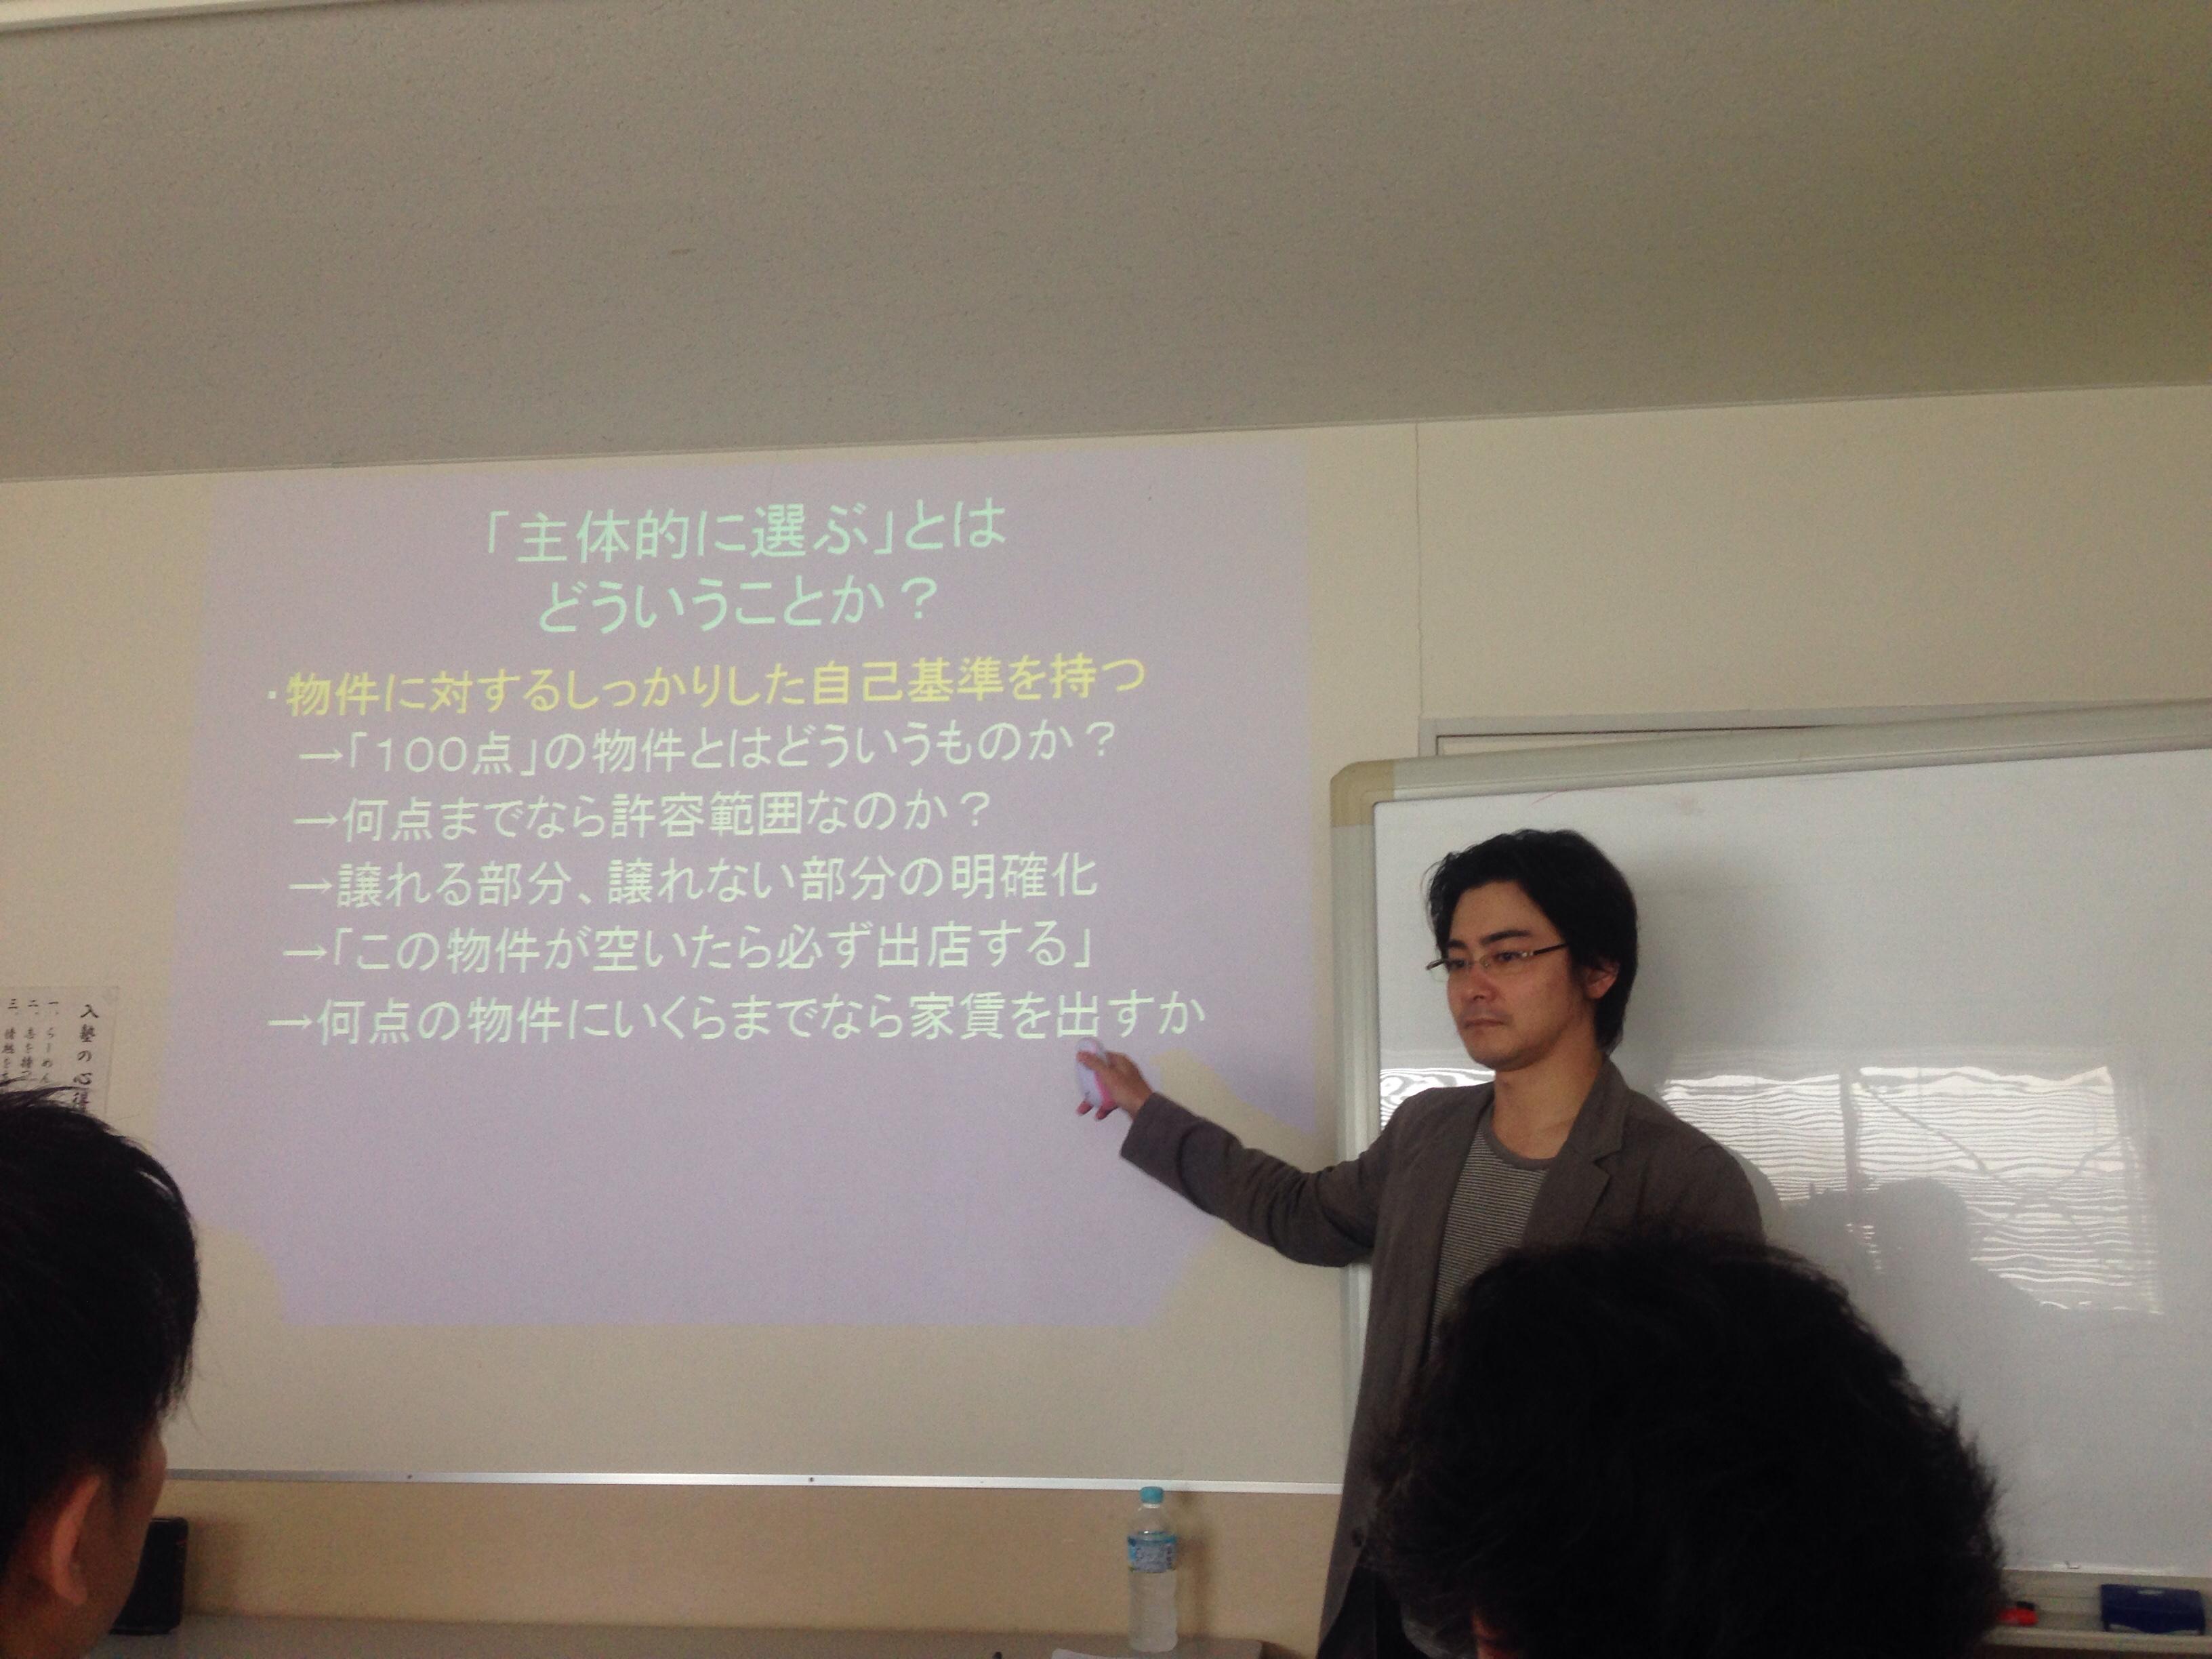 林原講師@大成食品株式会社開業支援塾鳥居式らーめん塾講義中